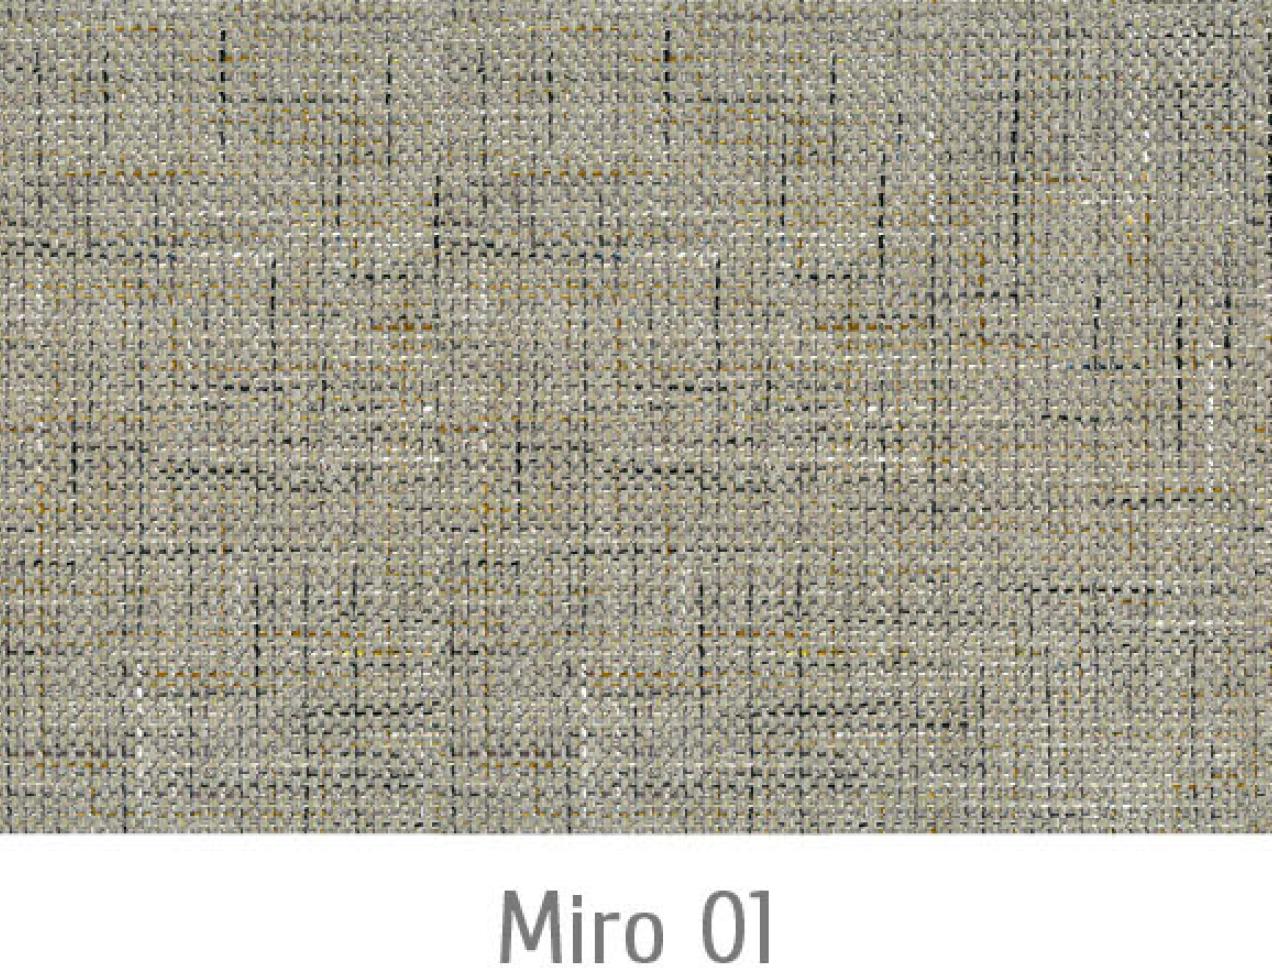 Miro01